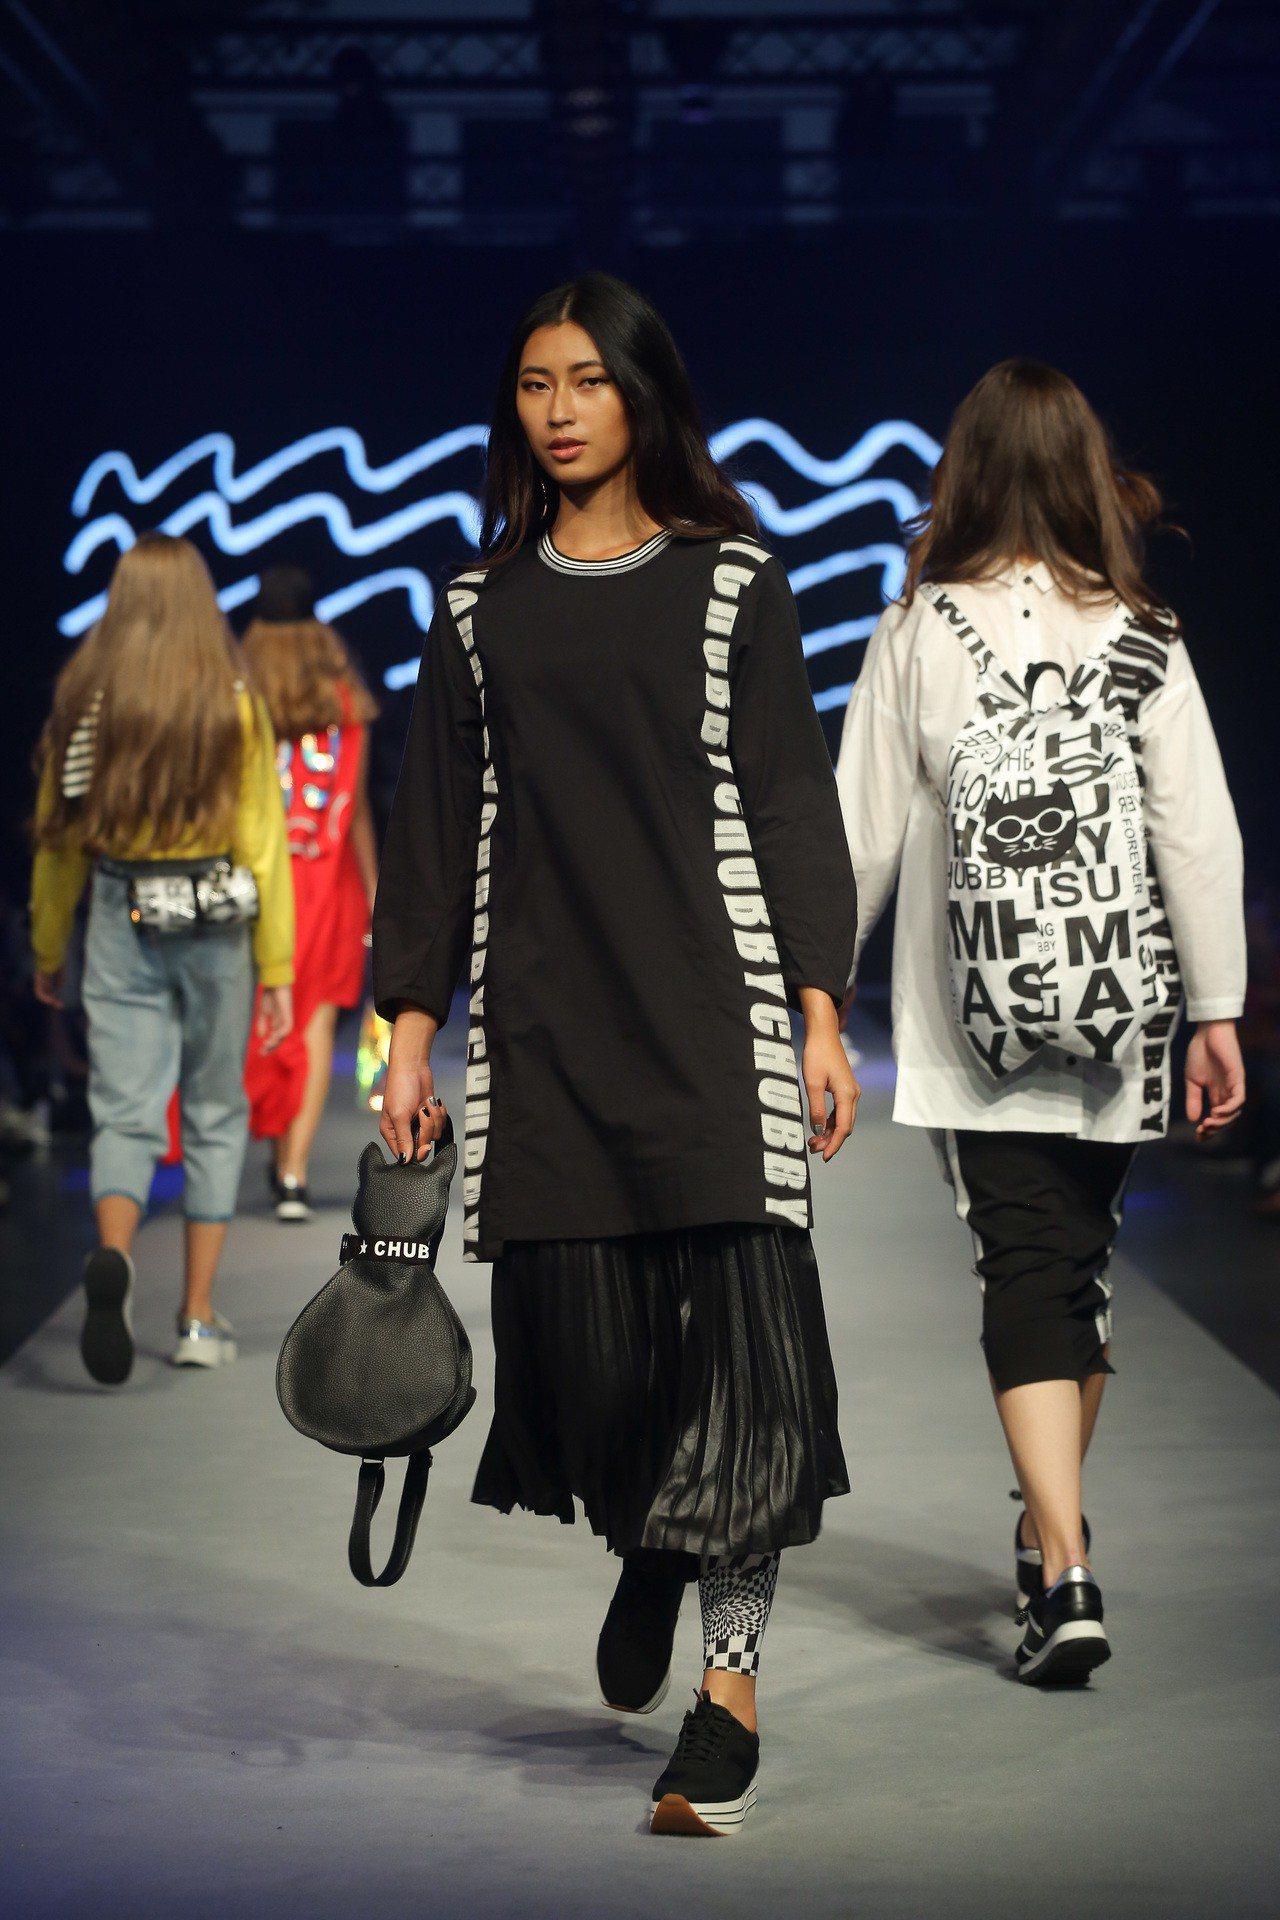 開展首日設計師徐明美以「時尚貓Chubby」為主題發表新品。圖/台北魅力展提供